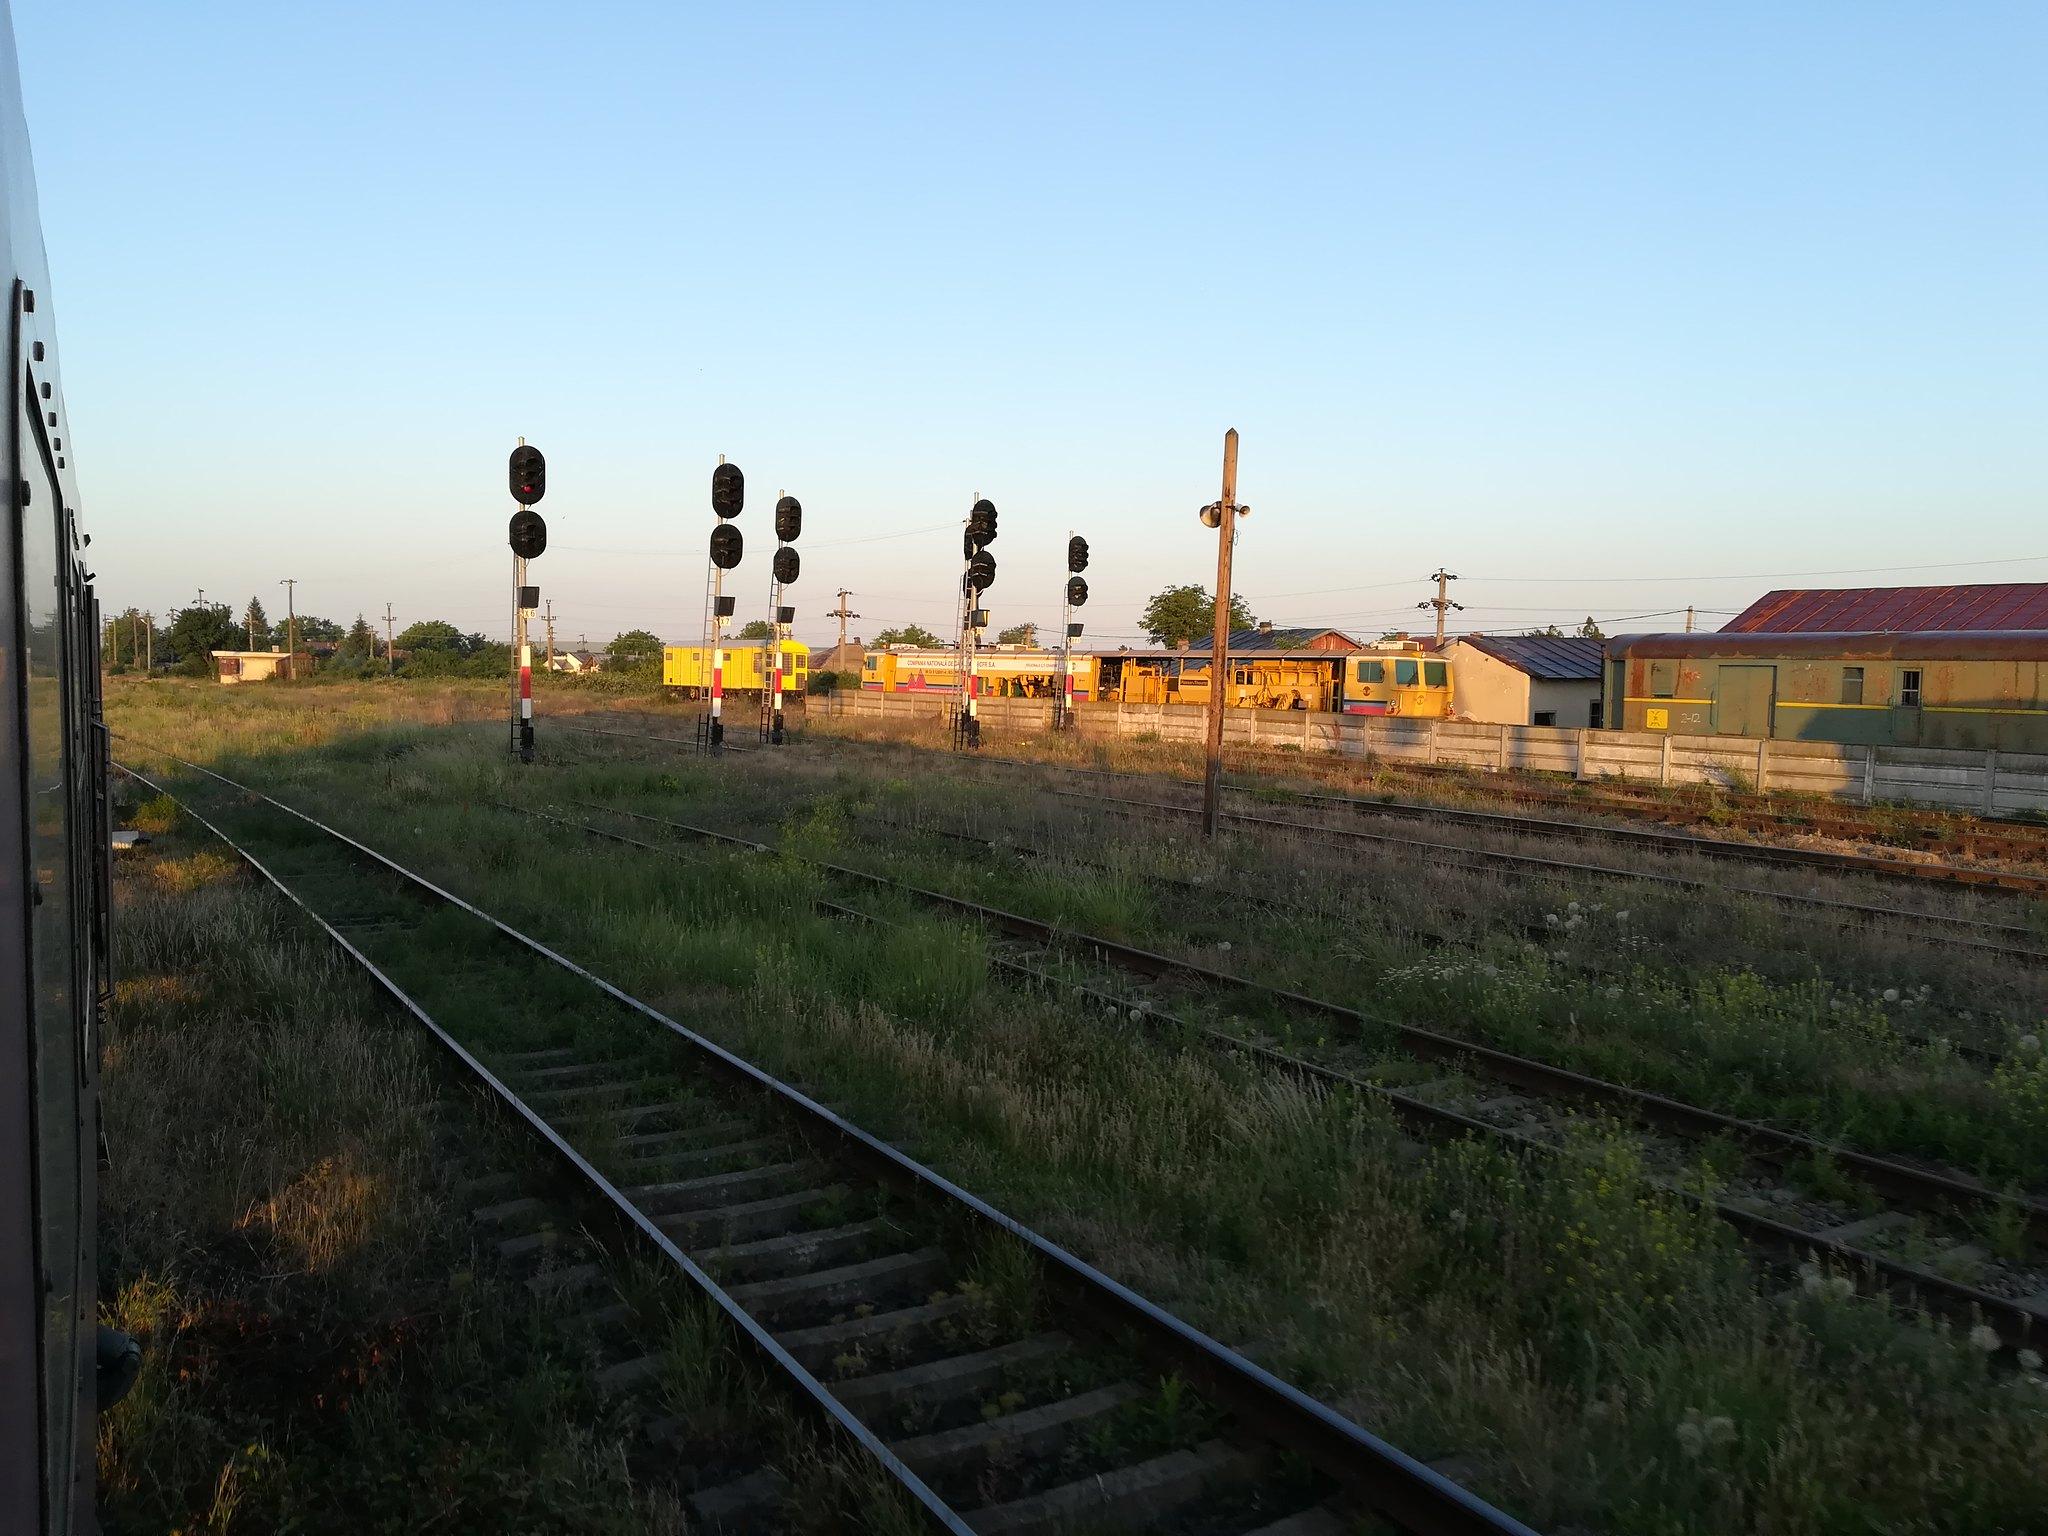 Reportaje feroviare Adirmvl - Pagina 15 44837173571_98c82f2749_k